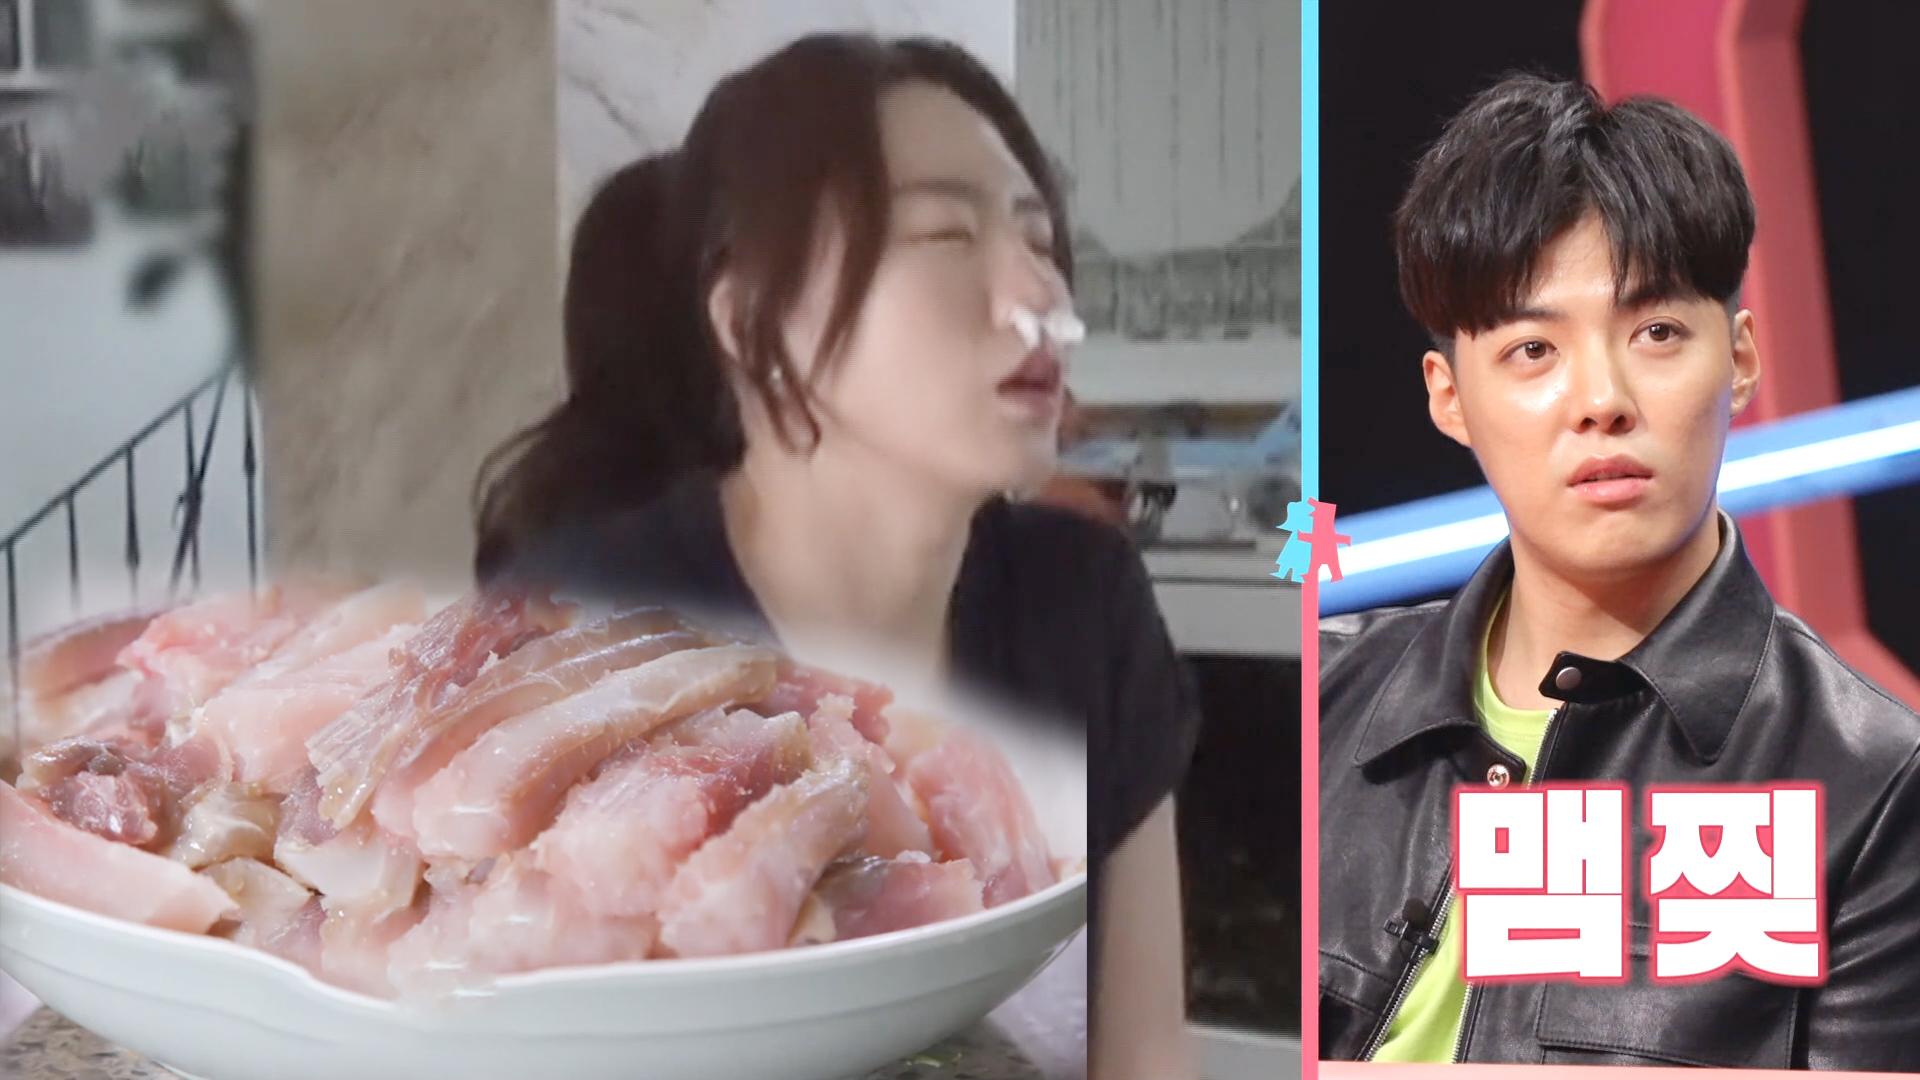 찐 사랑 이상화, 강남을 위한 홍어와의 치열한 사투